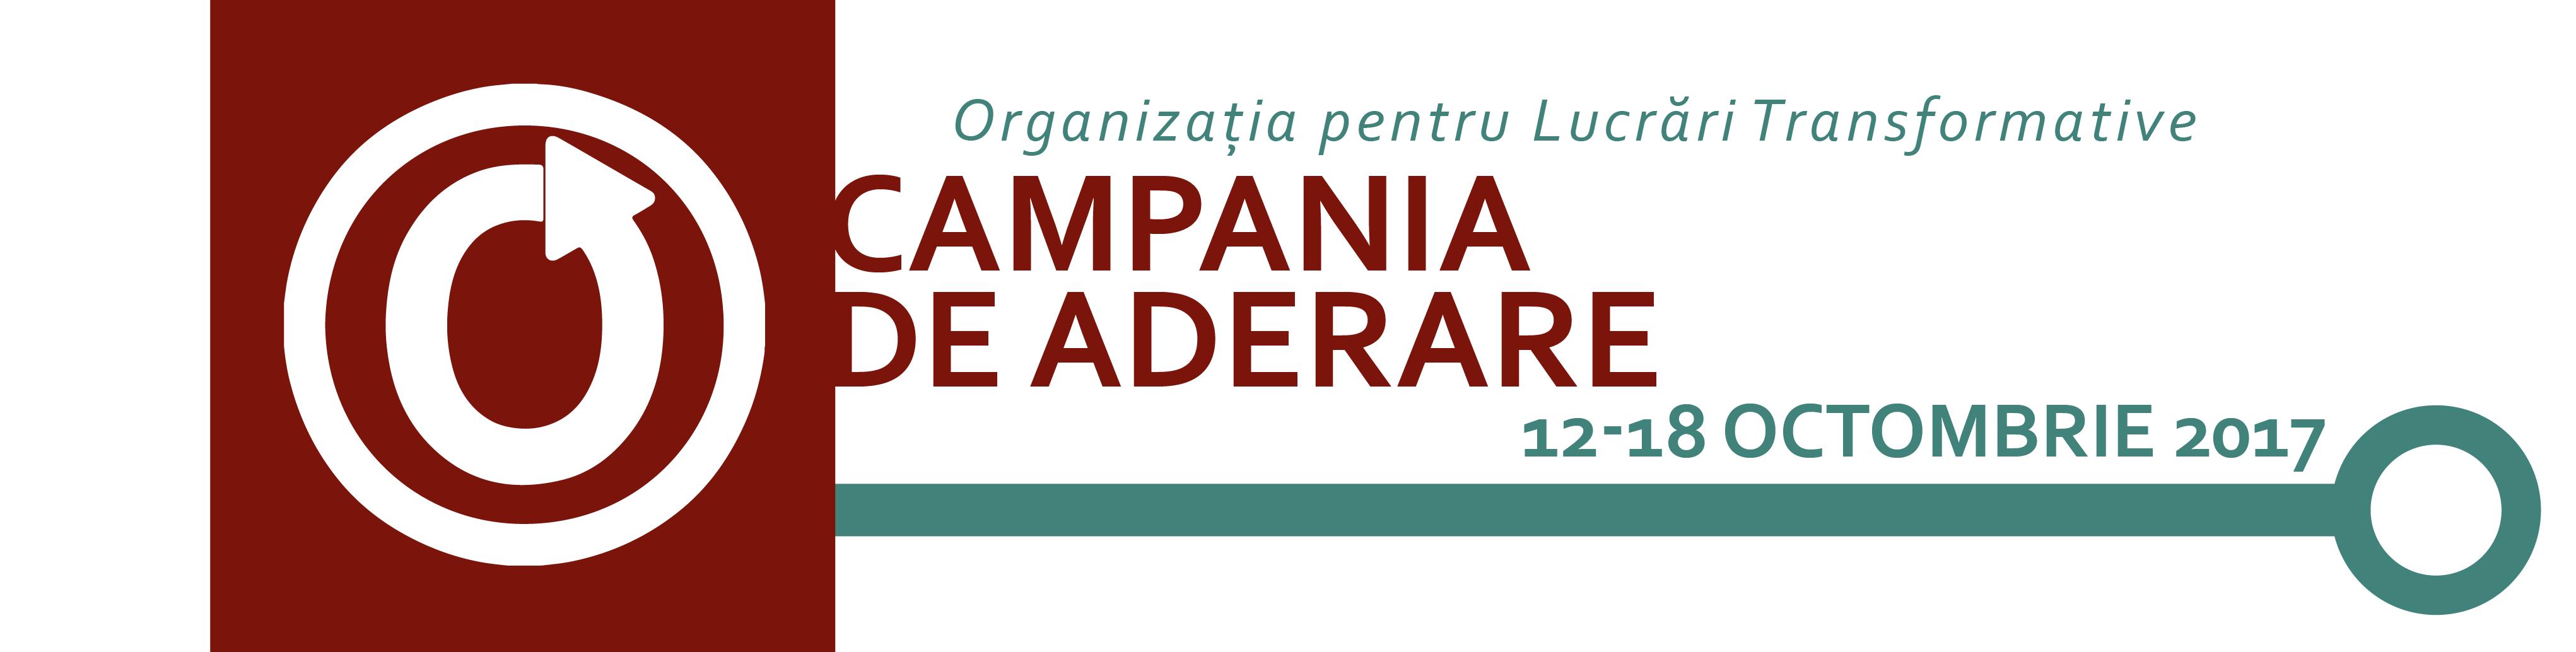 Campania de Aderare a Organizației pentru Lucrări Transformative, 12-18 Octombrie 2017